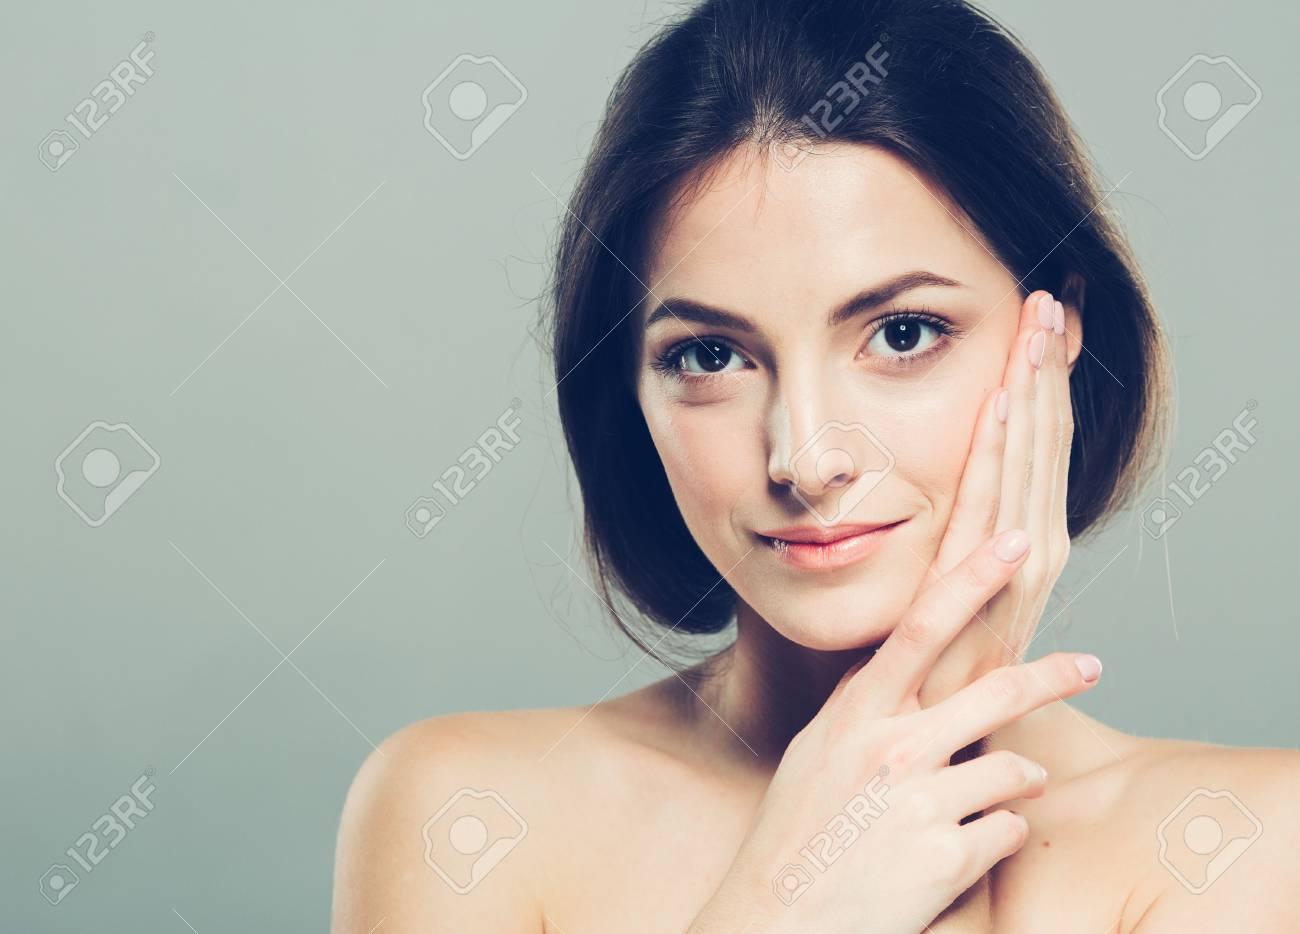 Beauty Woman face Portrait. - 62414027